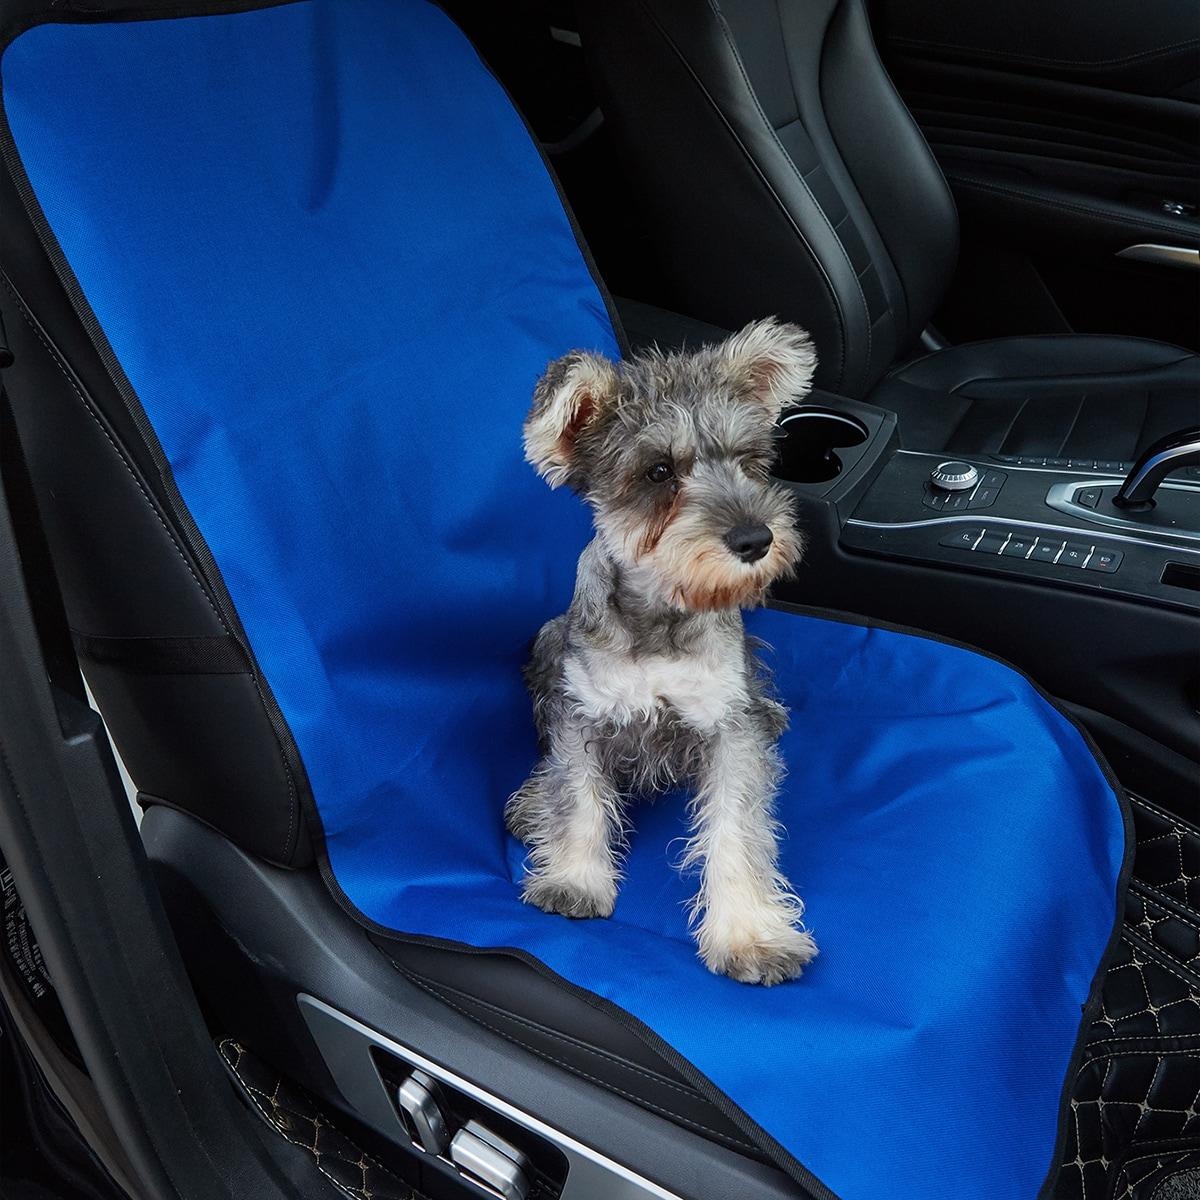 1 Stück Autositzüberzug mit Kontrast-Binde für Haustiere